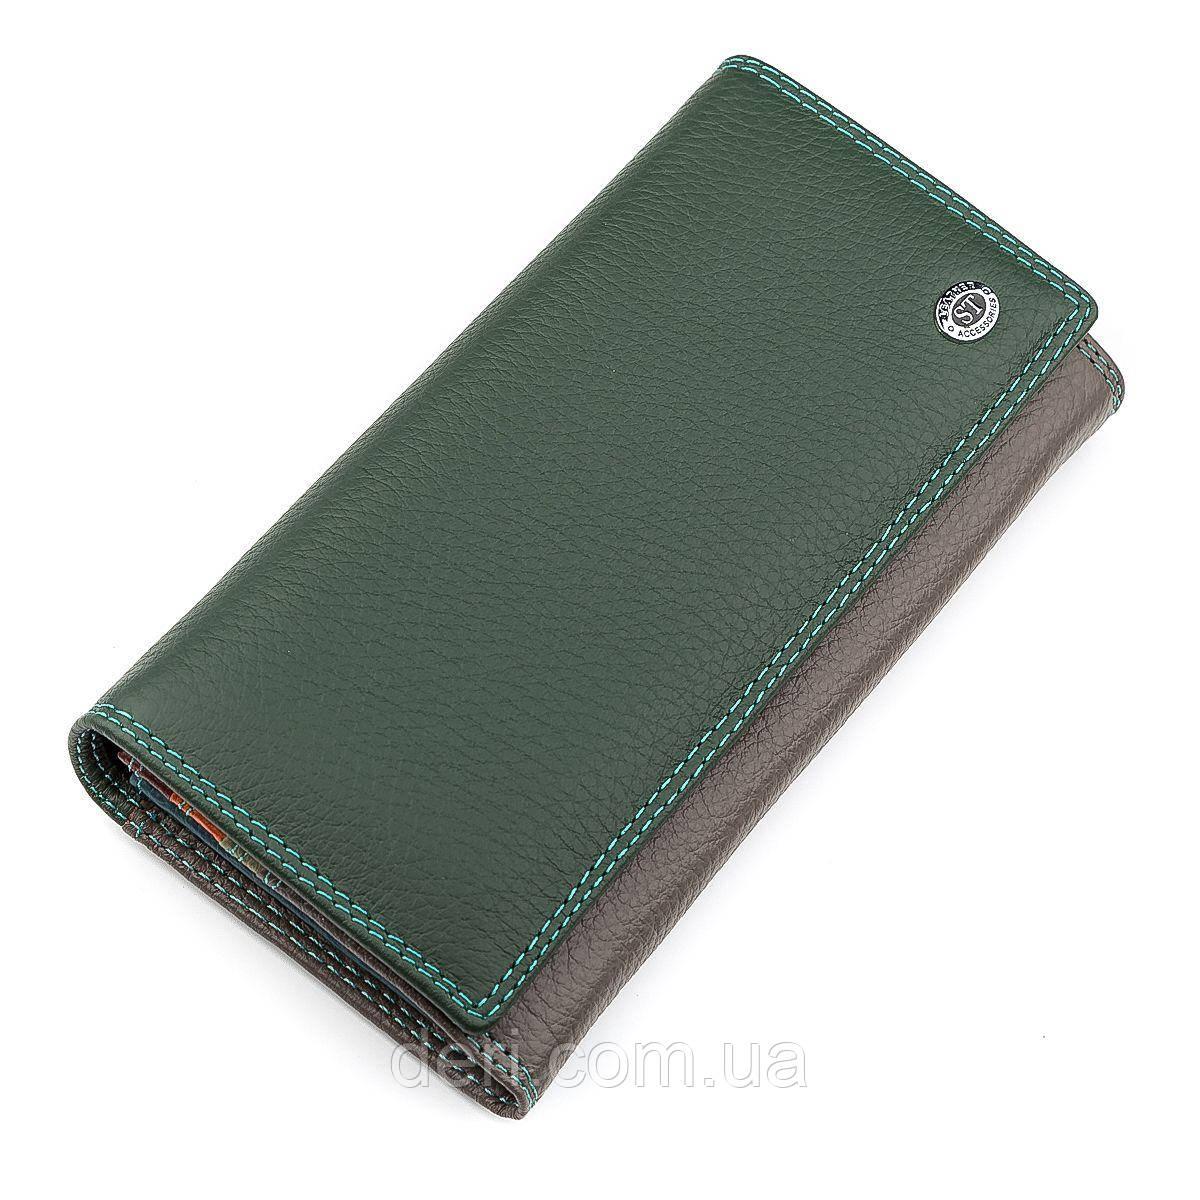 Кошелек женский ST Leather 18300 (SB634) кожаный Зеленый, Зеленый